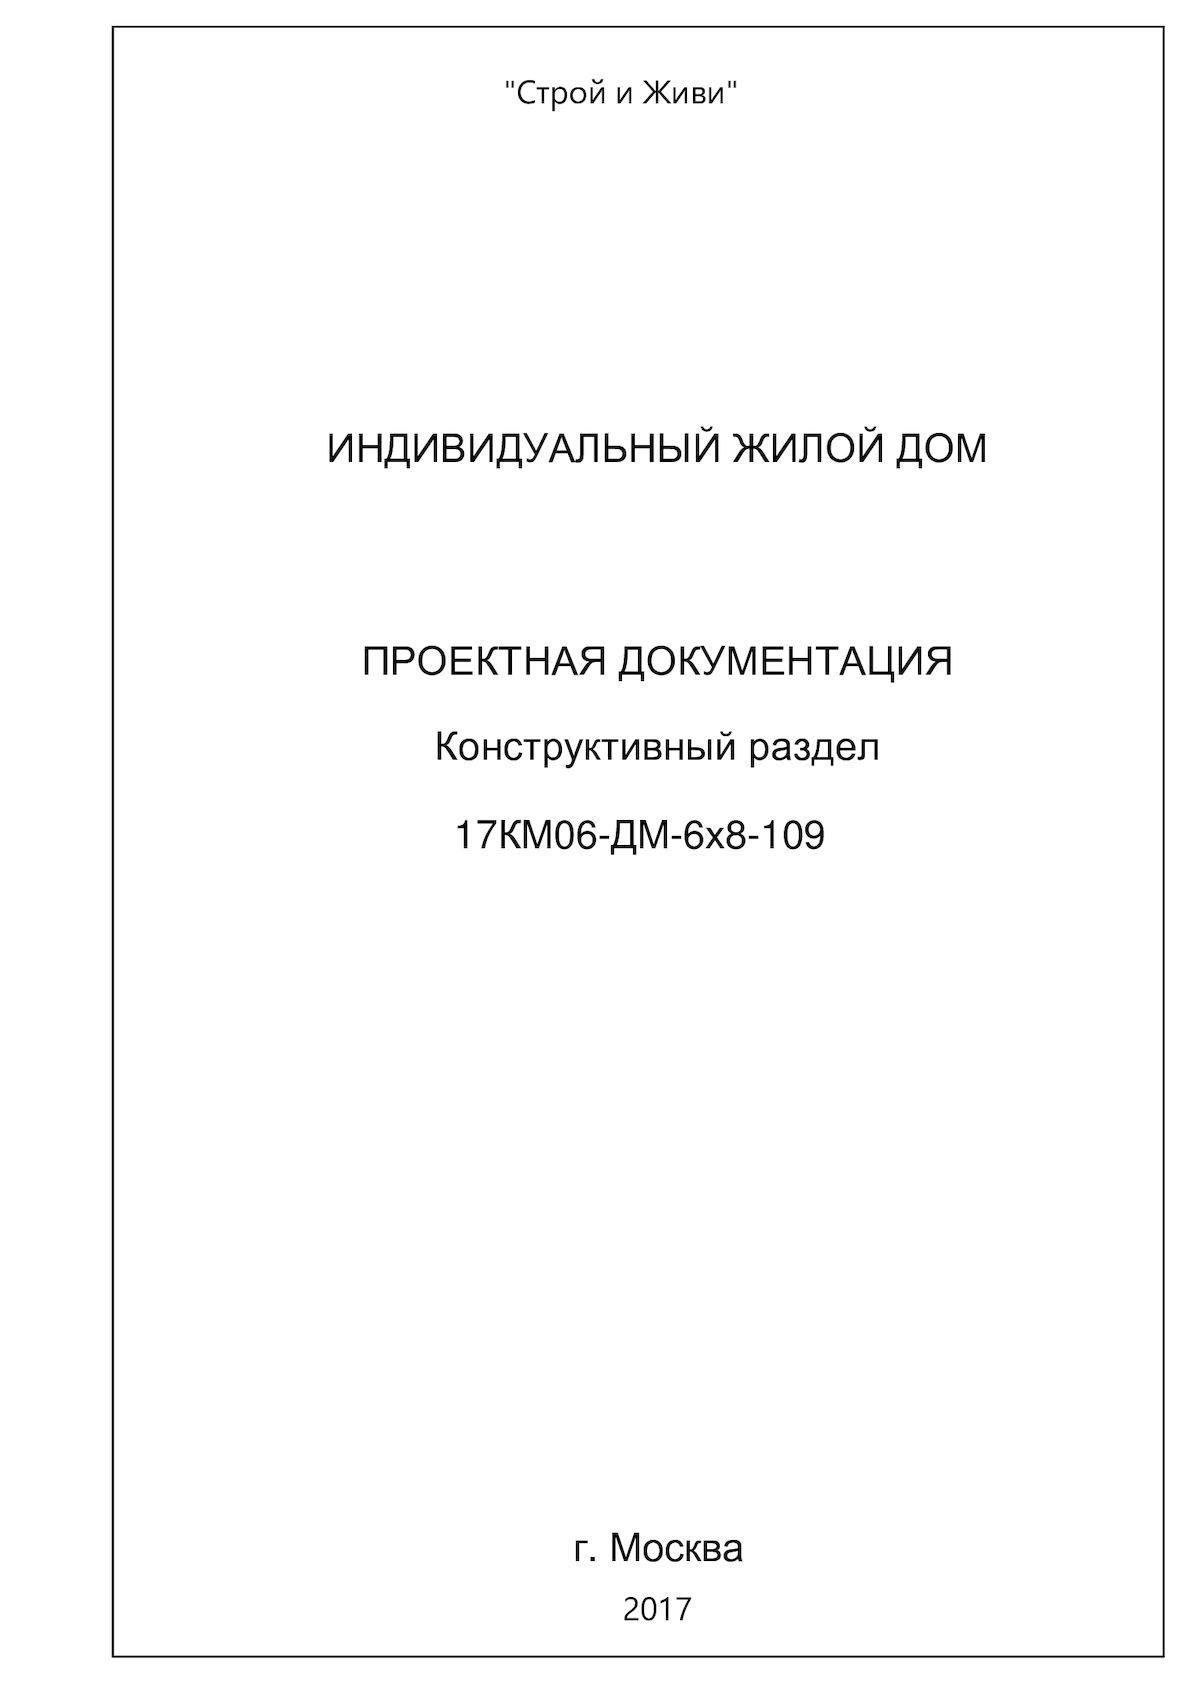 17км06 ДМ 6х8 109(кр)